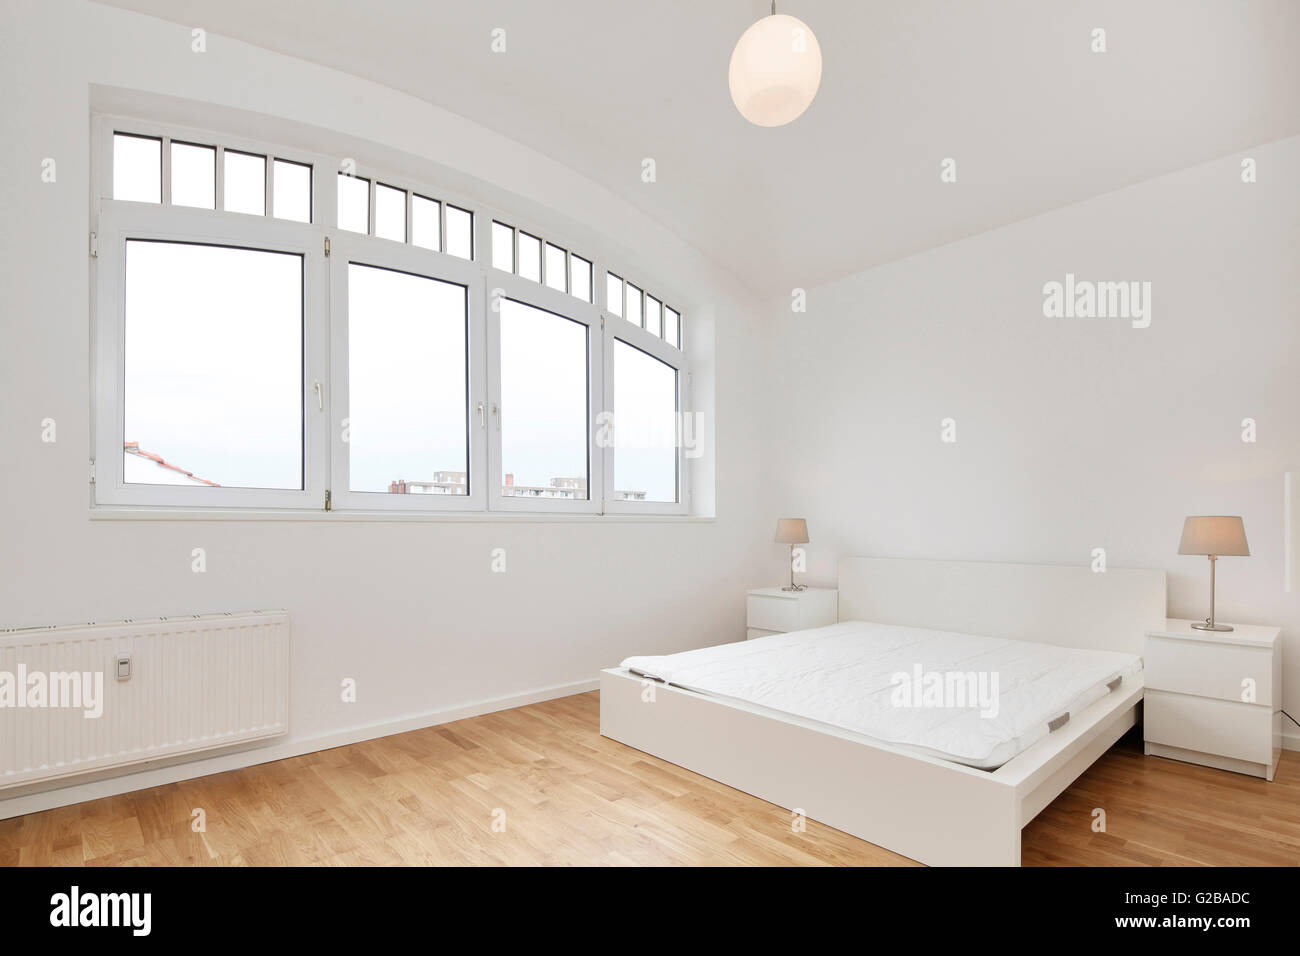 Umwandlung von Dach oder Dachboden in der Reichenberger Straße in ...